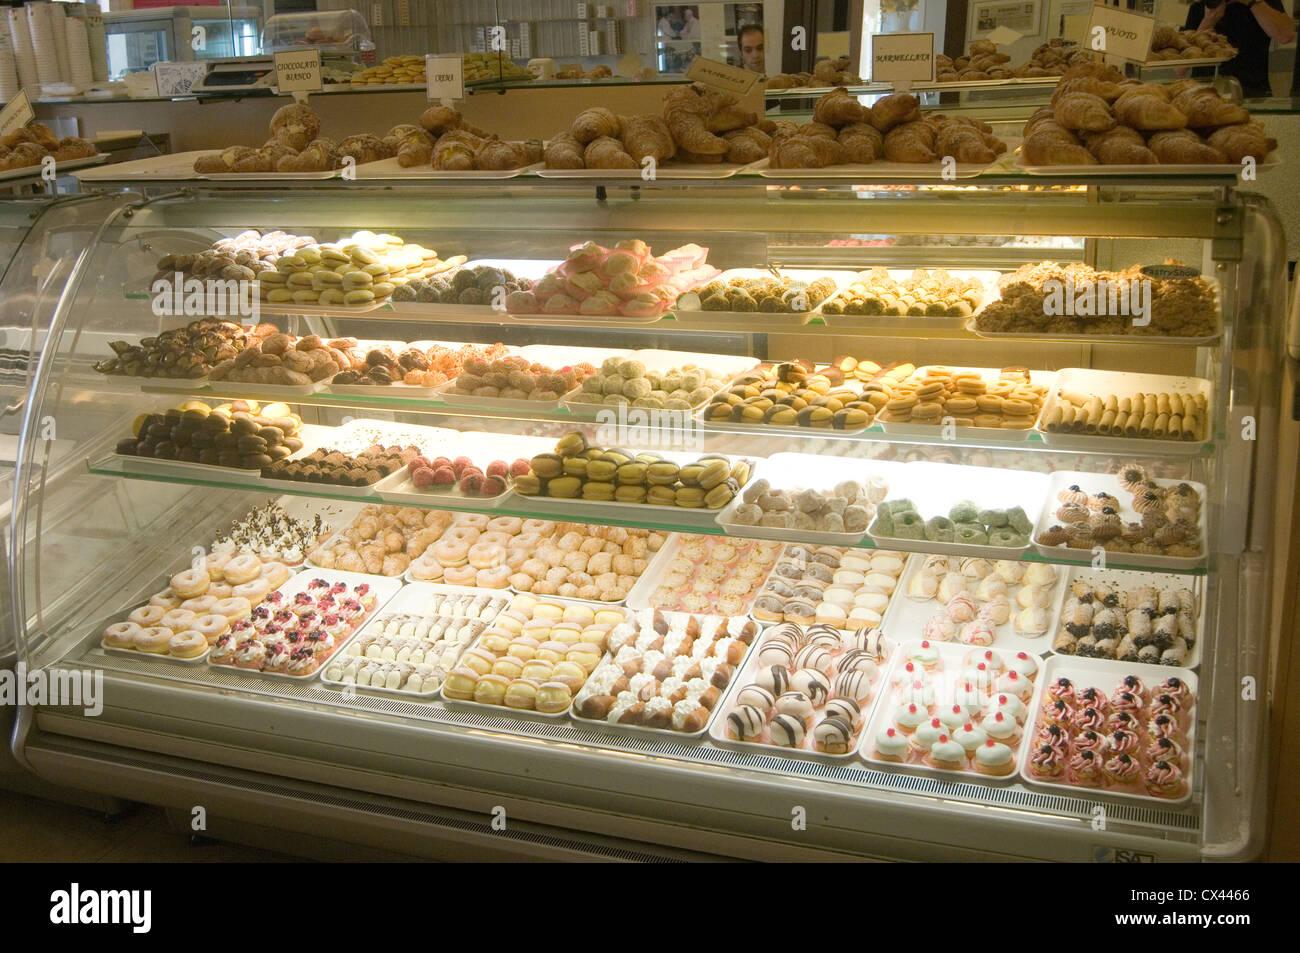 Konditorei italienischen Italien Kuchen Kuchen naschen Süßigkeiten Sweettooth Gebäck Backen einkaufen Stockbild